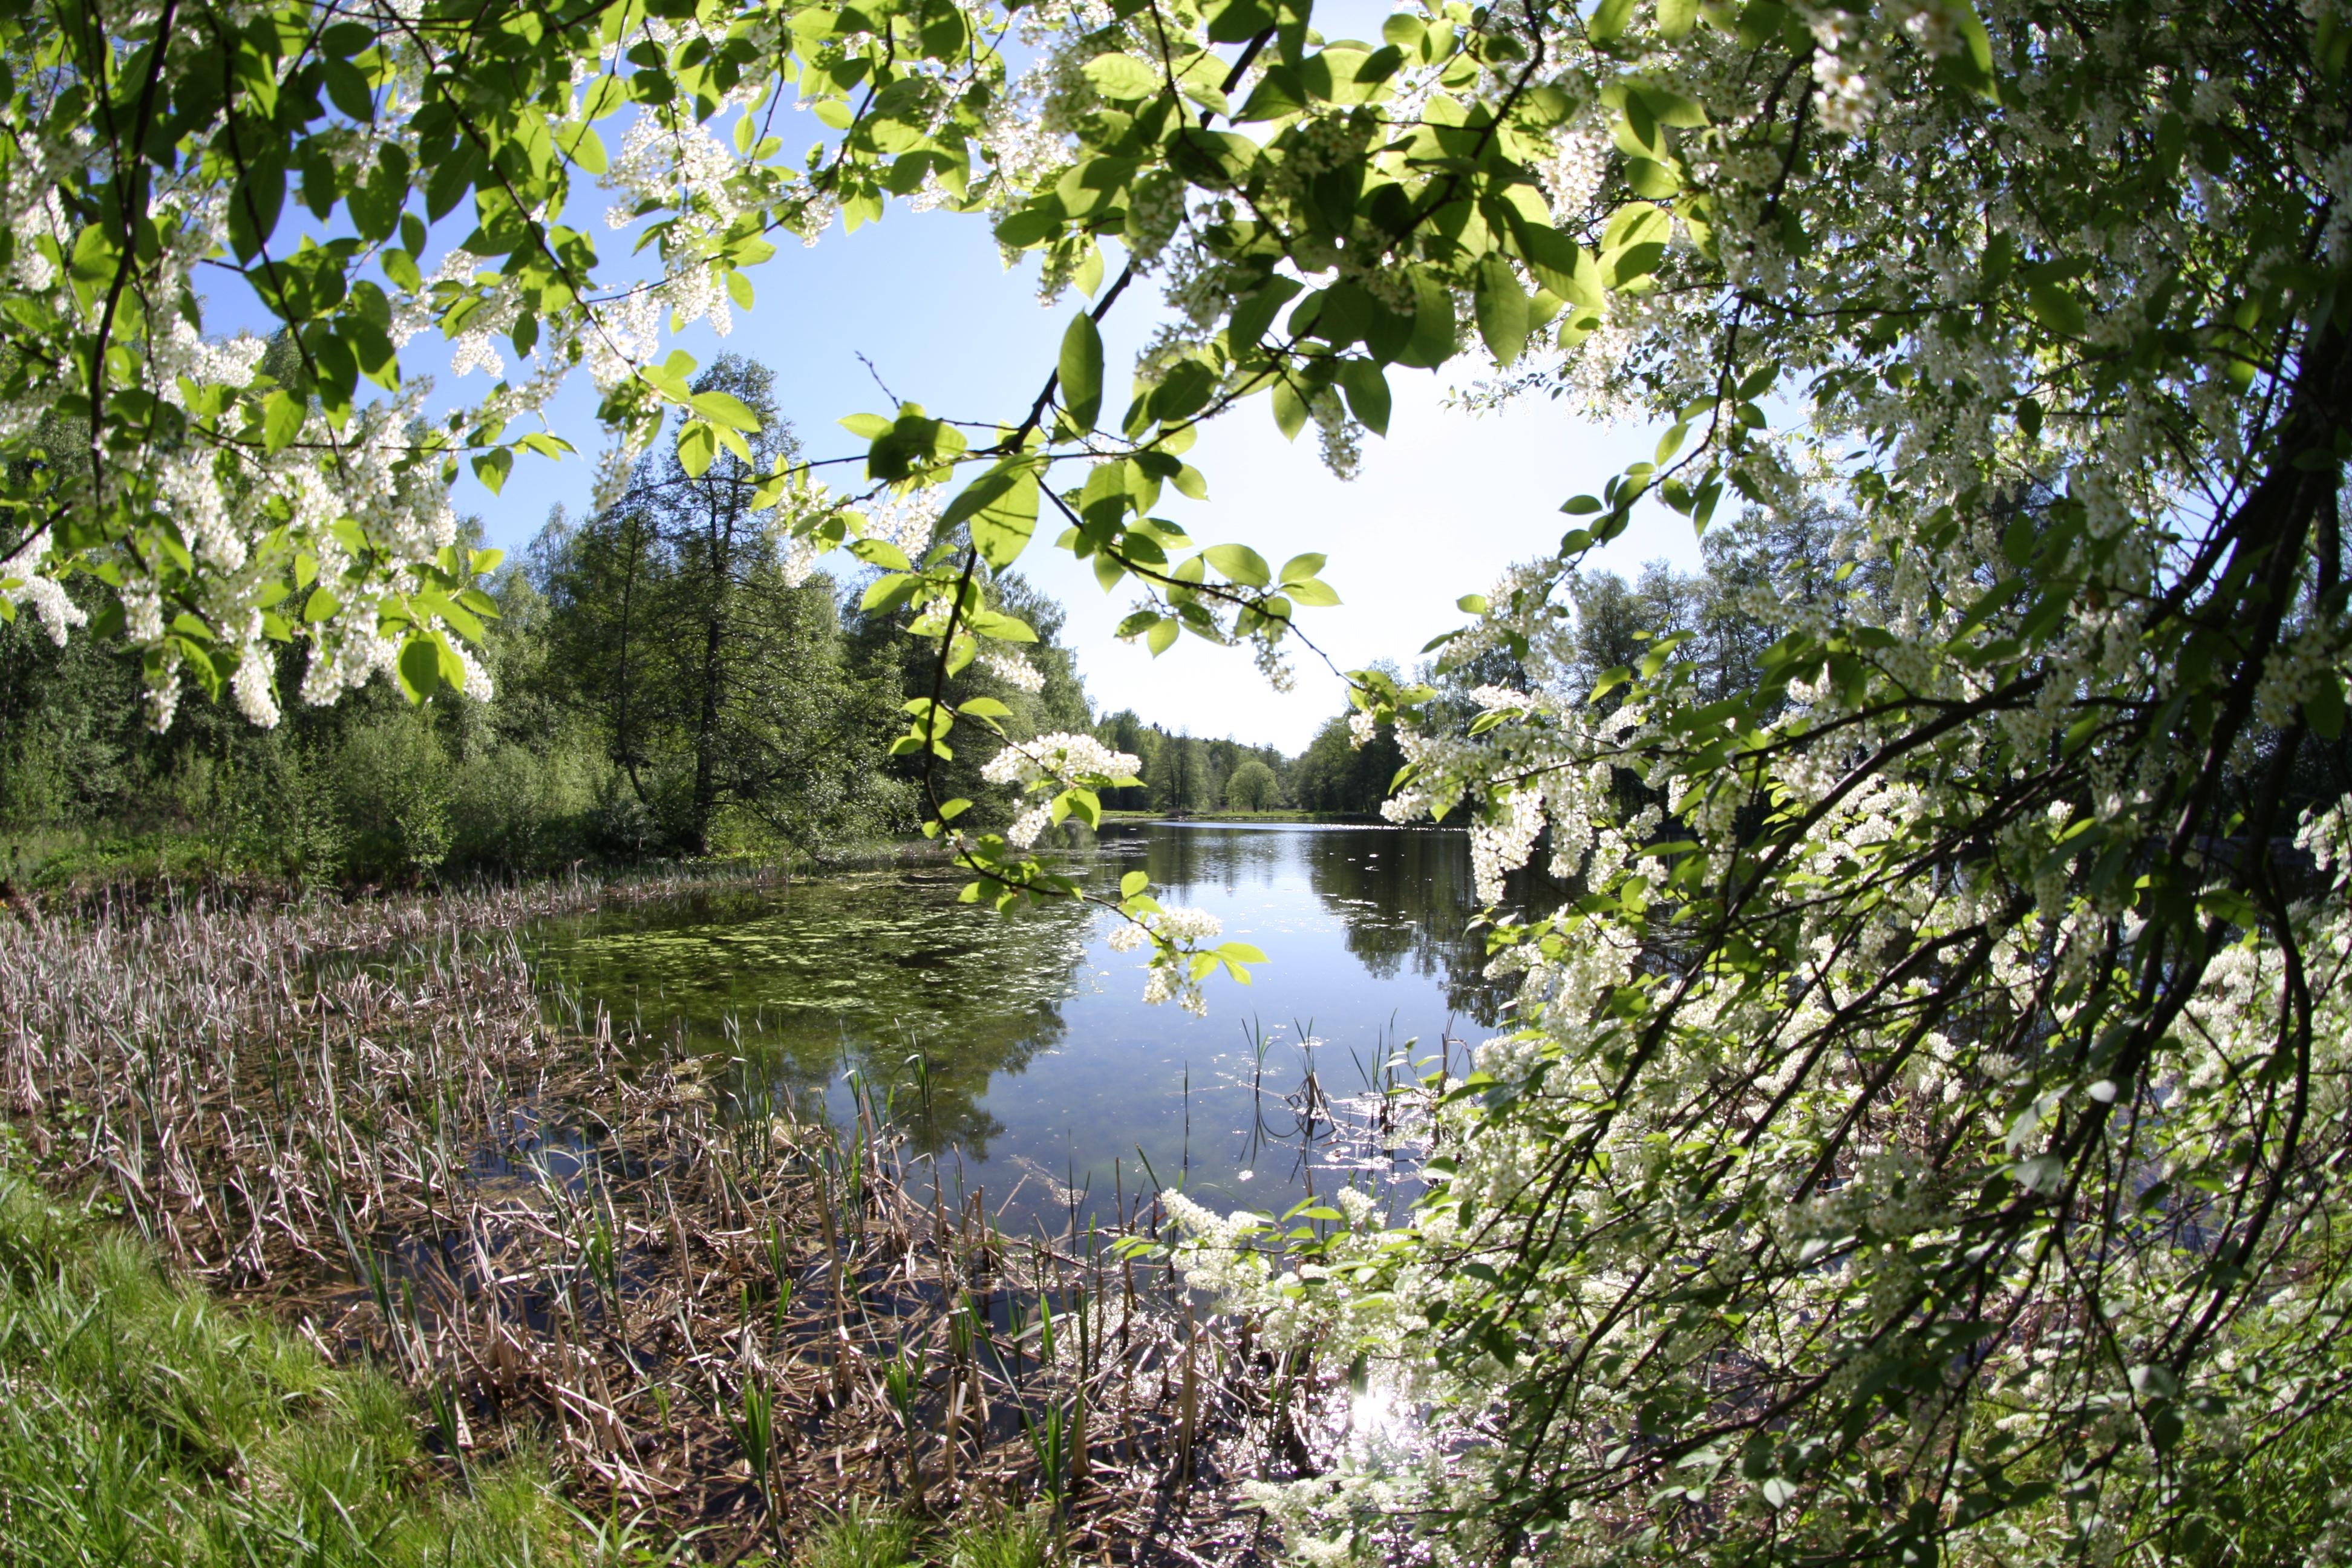 Lohjan ainutlaatuinen luonto. Kuva Markku Levula.